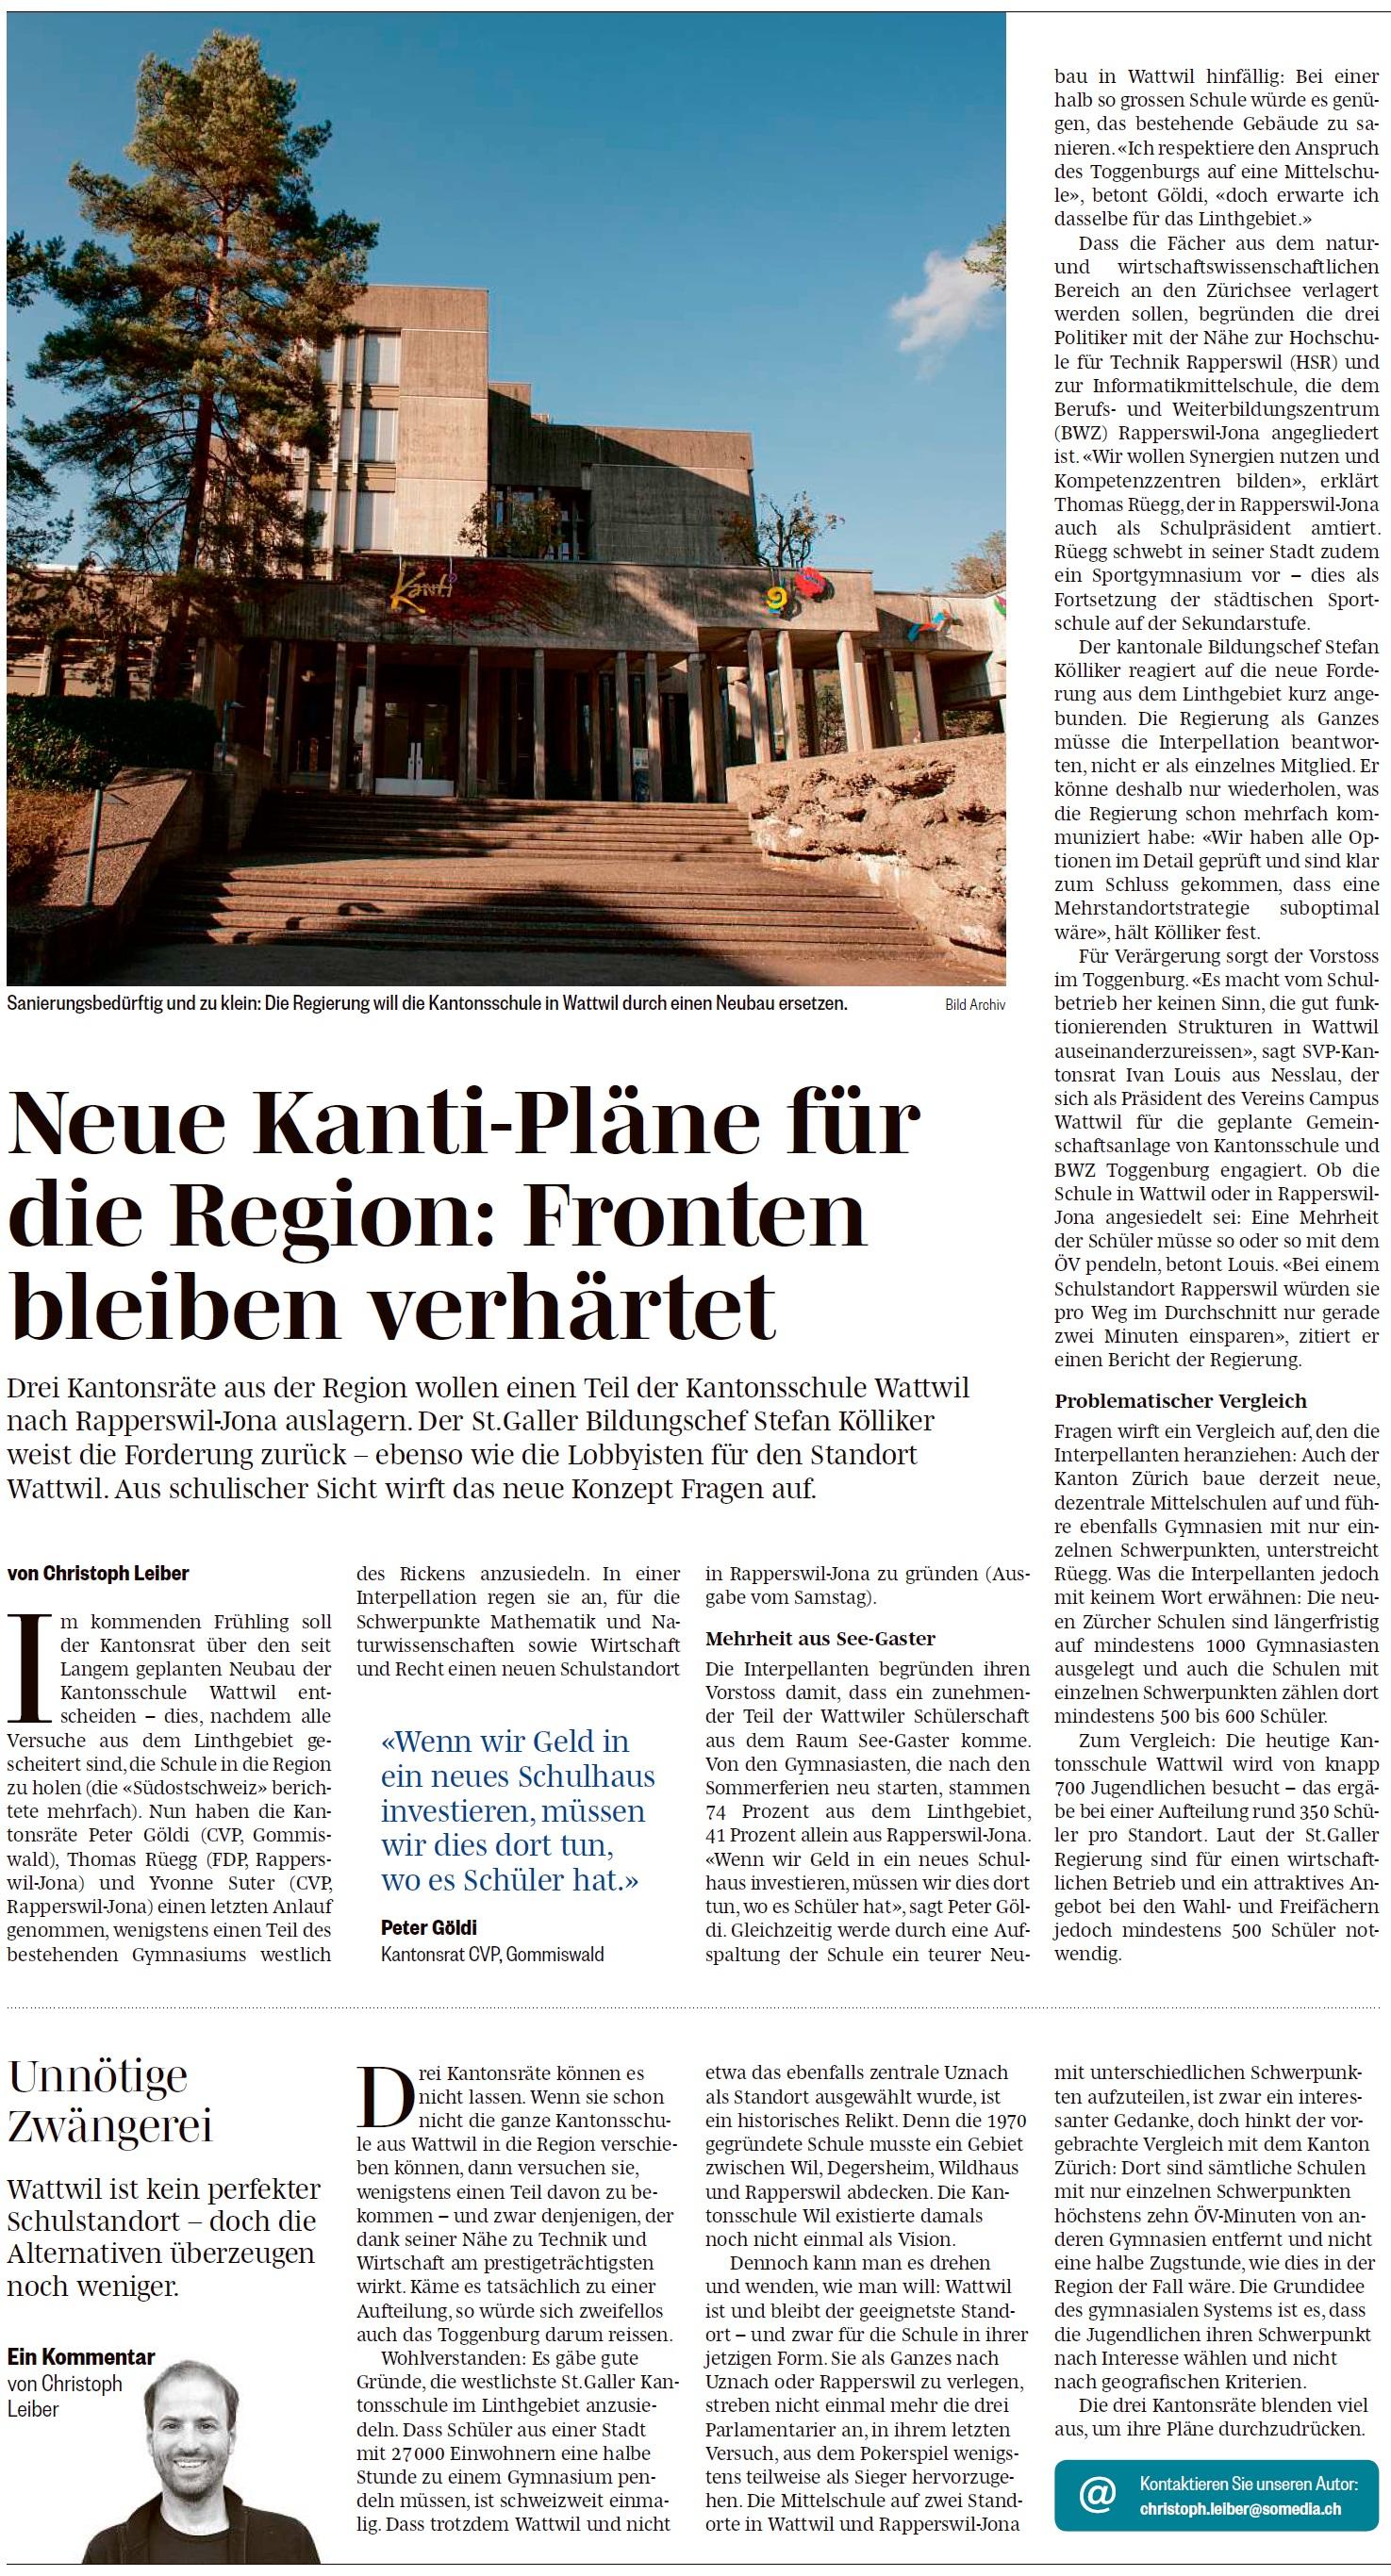 Neue Kanti-Pläne für die Region: Fronten bleiben verhärtet (Dienstag, 19.06.2018)